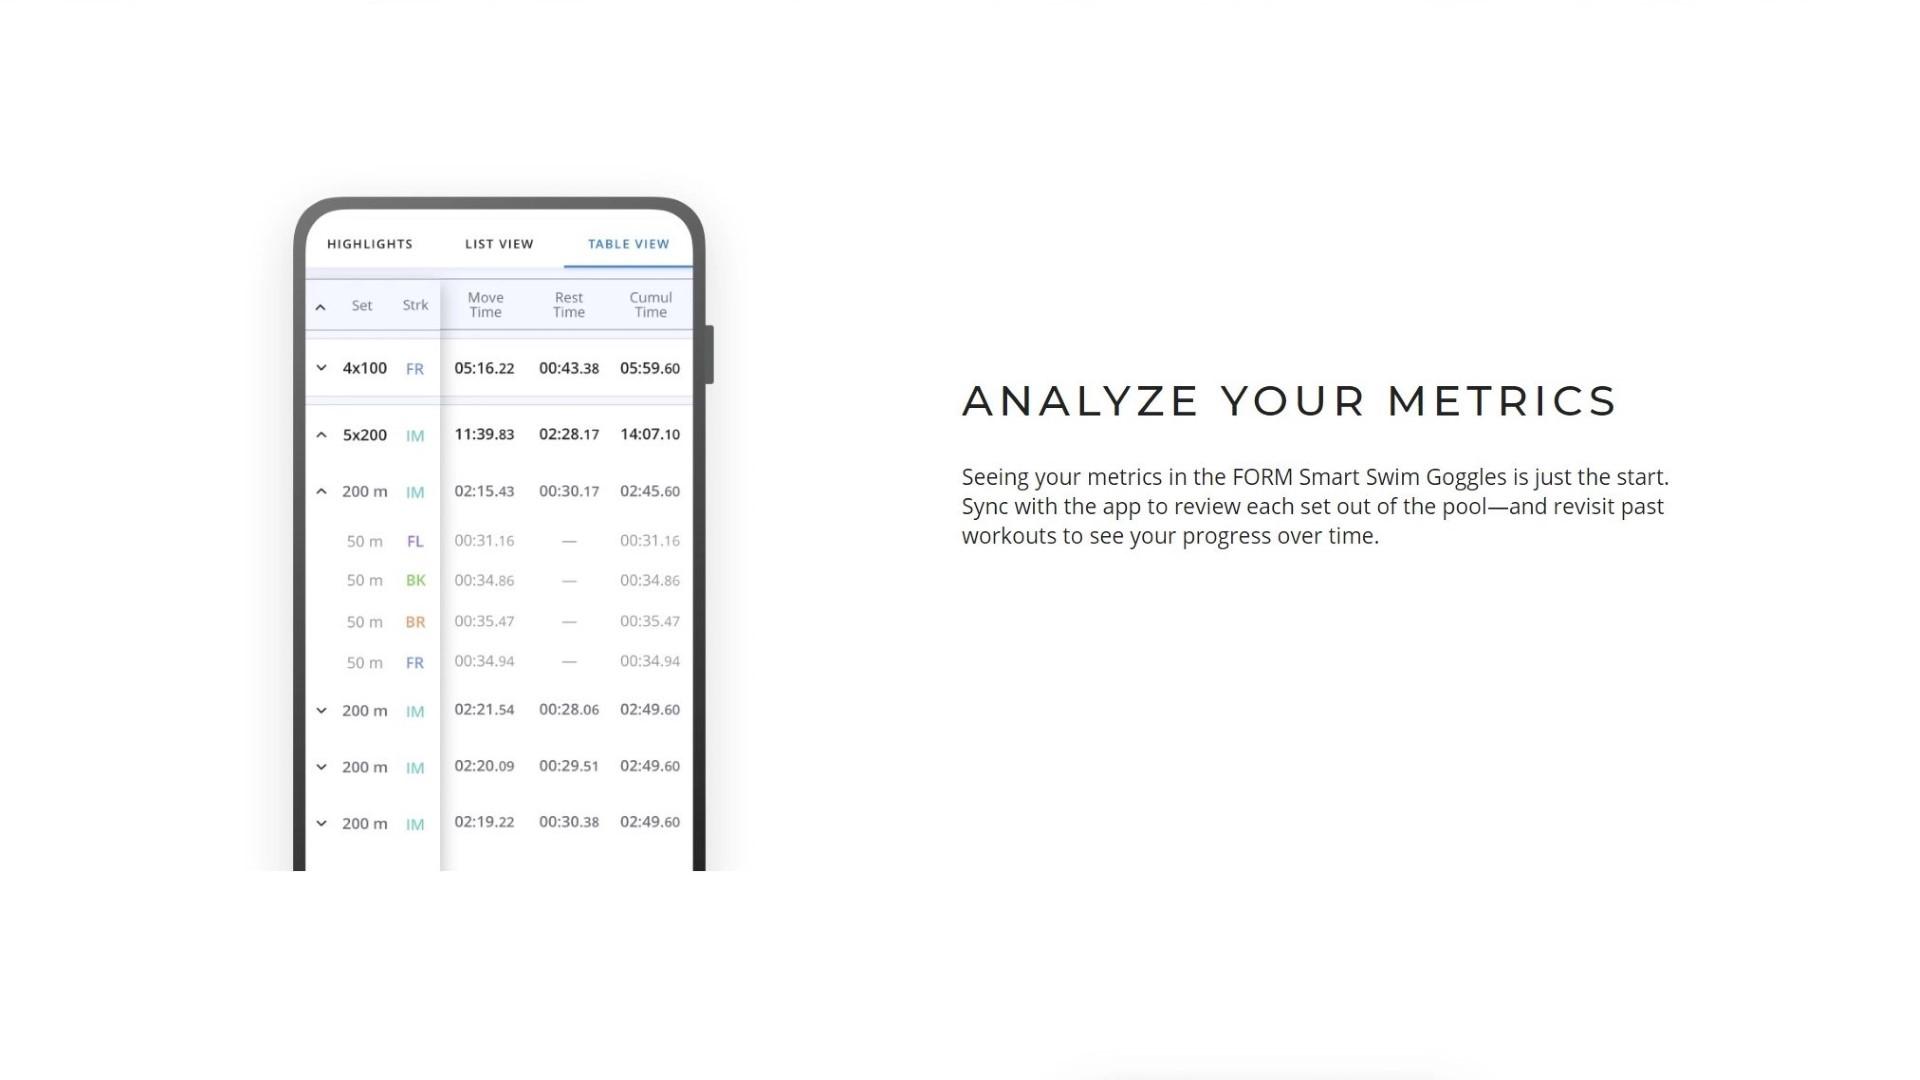 Aplikacja dedykowana Form Smart Swim Goggles daje sporo możliwości